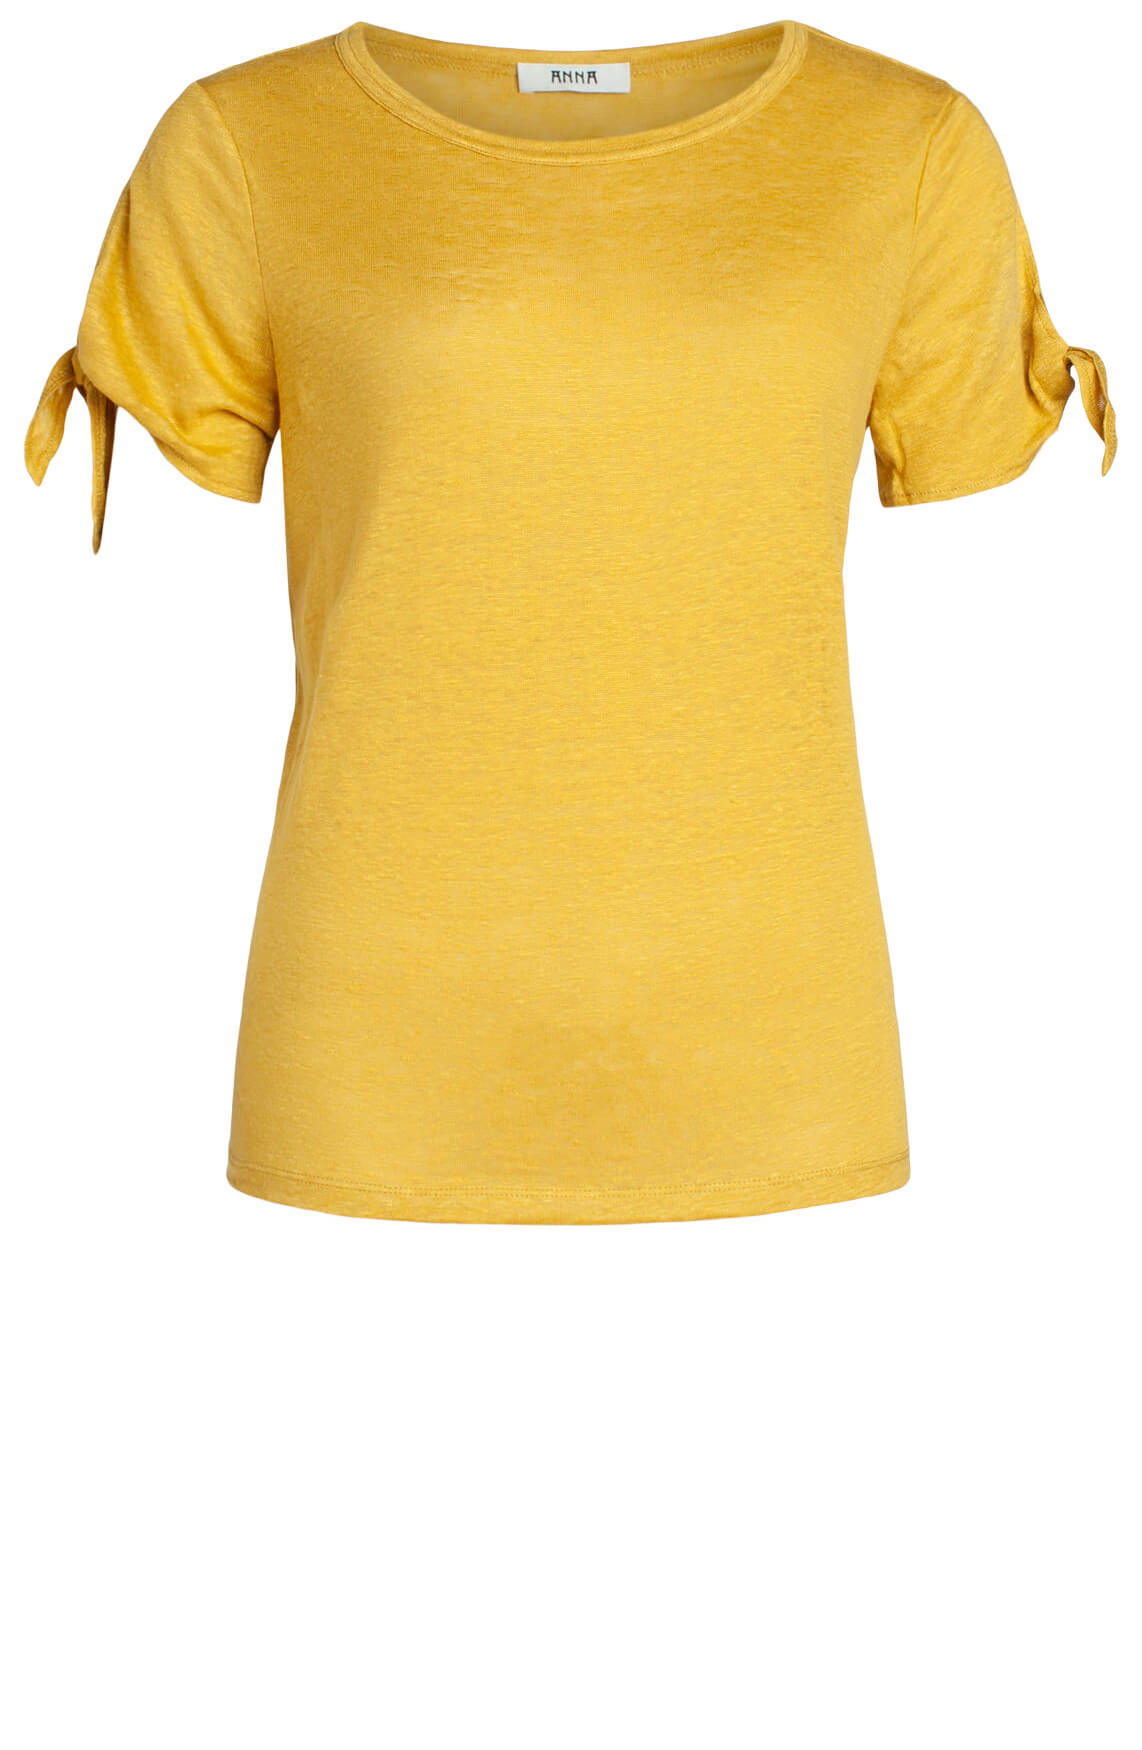 Anna Dames Linnen shirt met knoopdetail geel